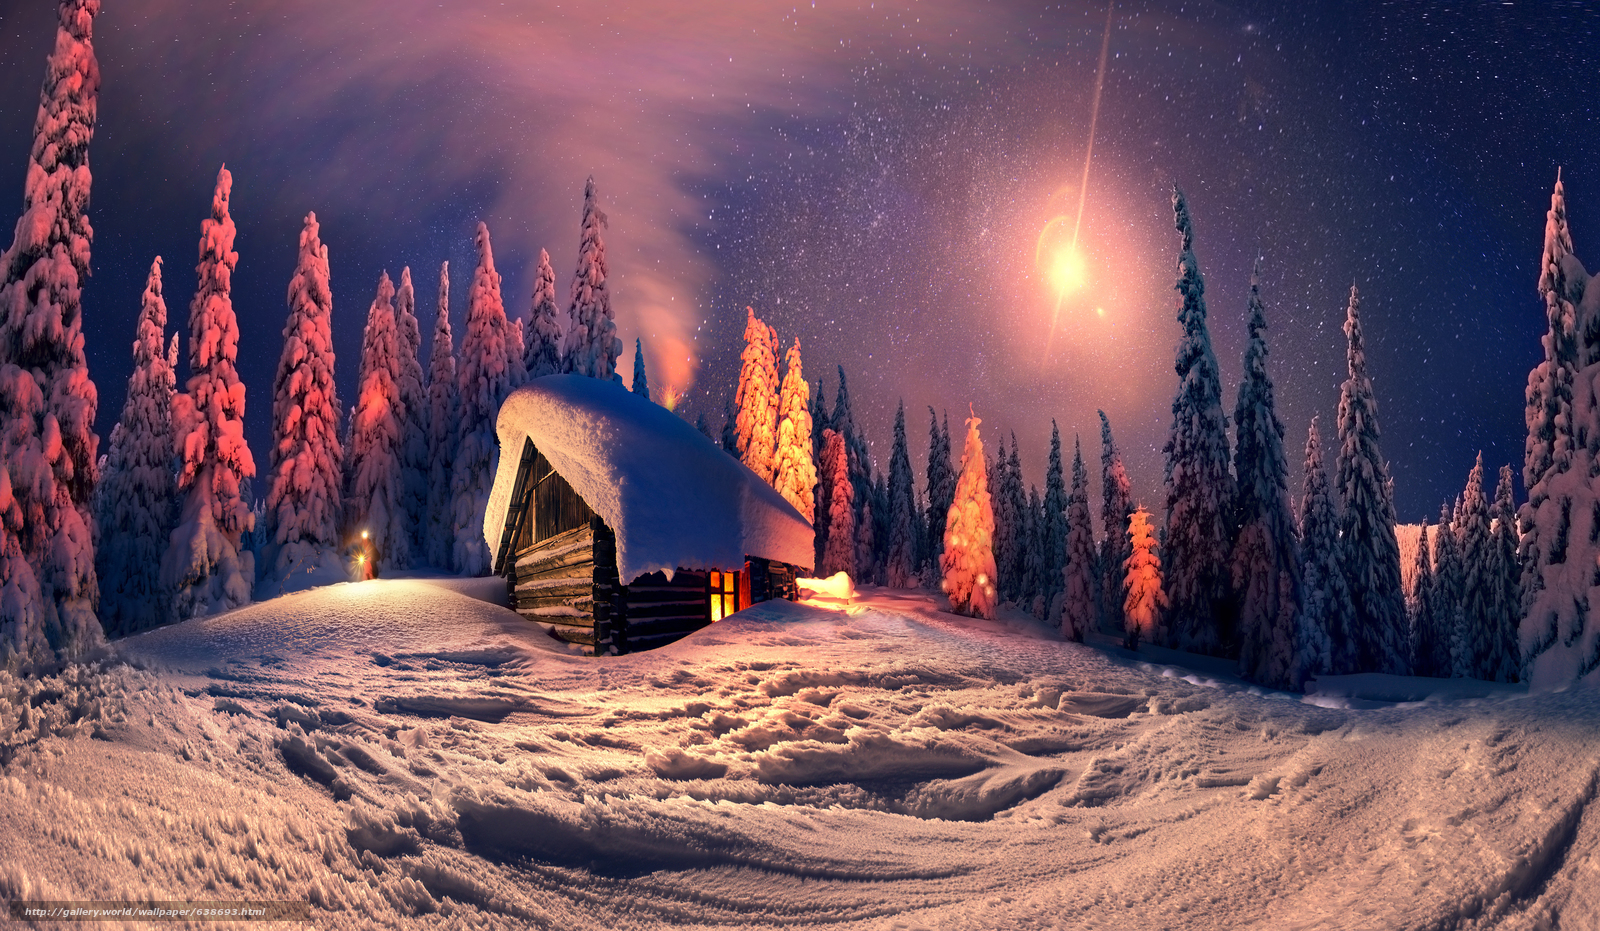 pobra tapety zima,  noc,  drzew,  kabina Darmowe tapety na pulpit rozdzielczoci 6500x3783 — zdjcie №638693